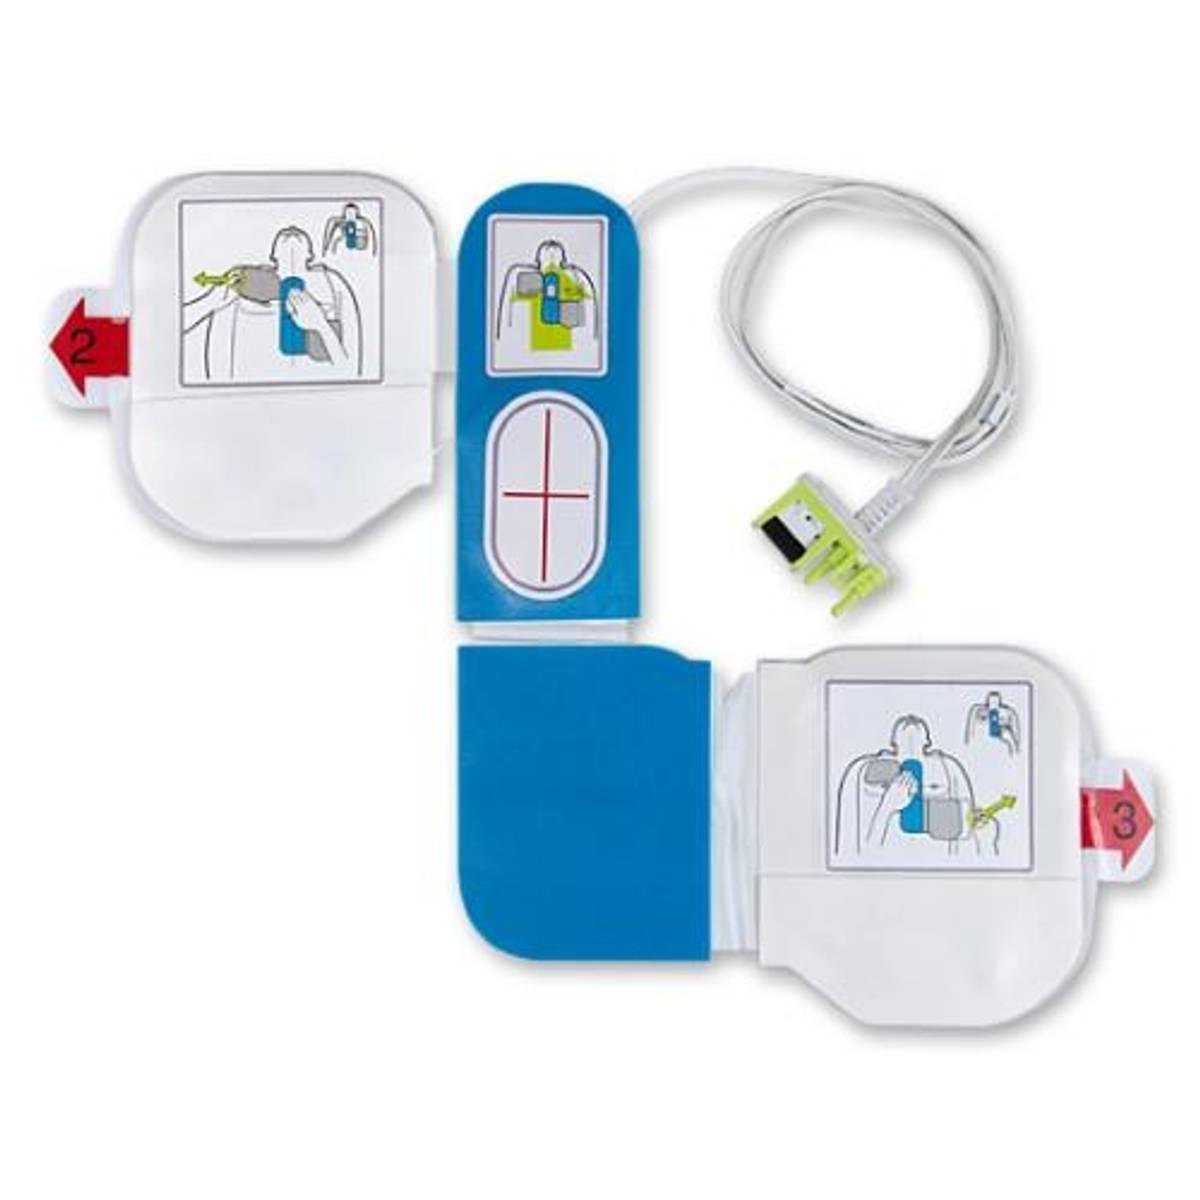 Zoll elektroder CPR-D pads